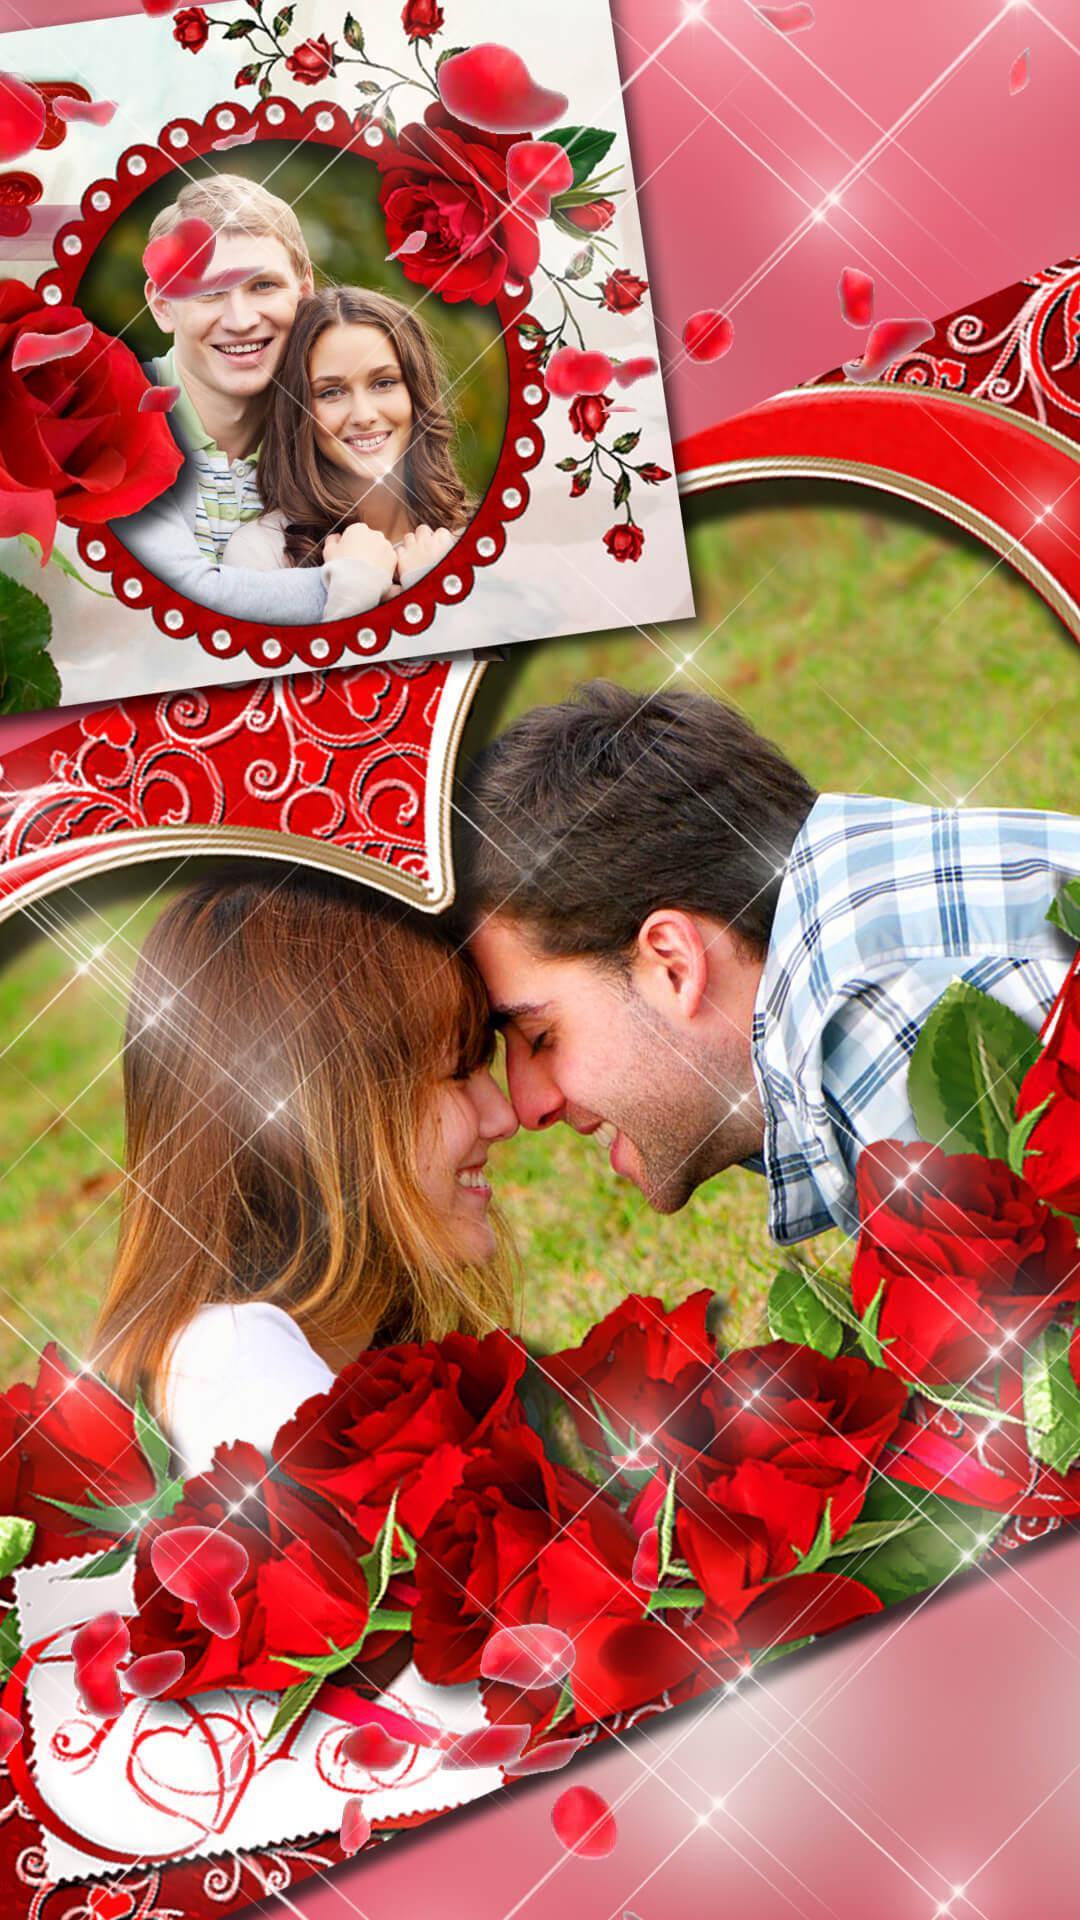 Kumpulan Edit Gambar Romantis HD Terbaru